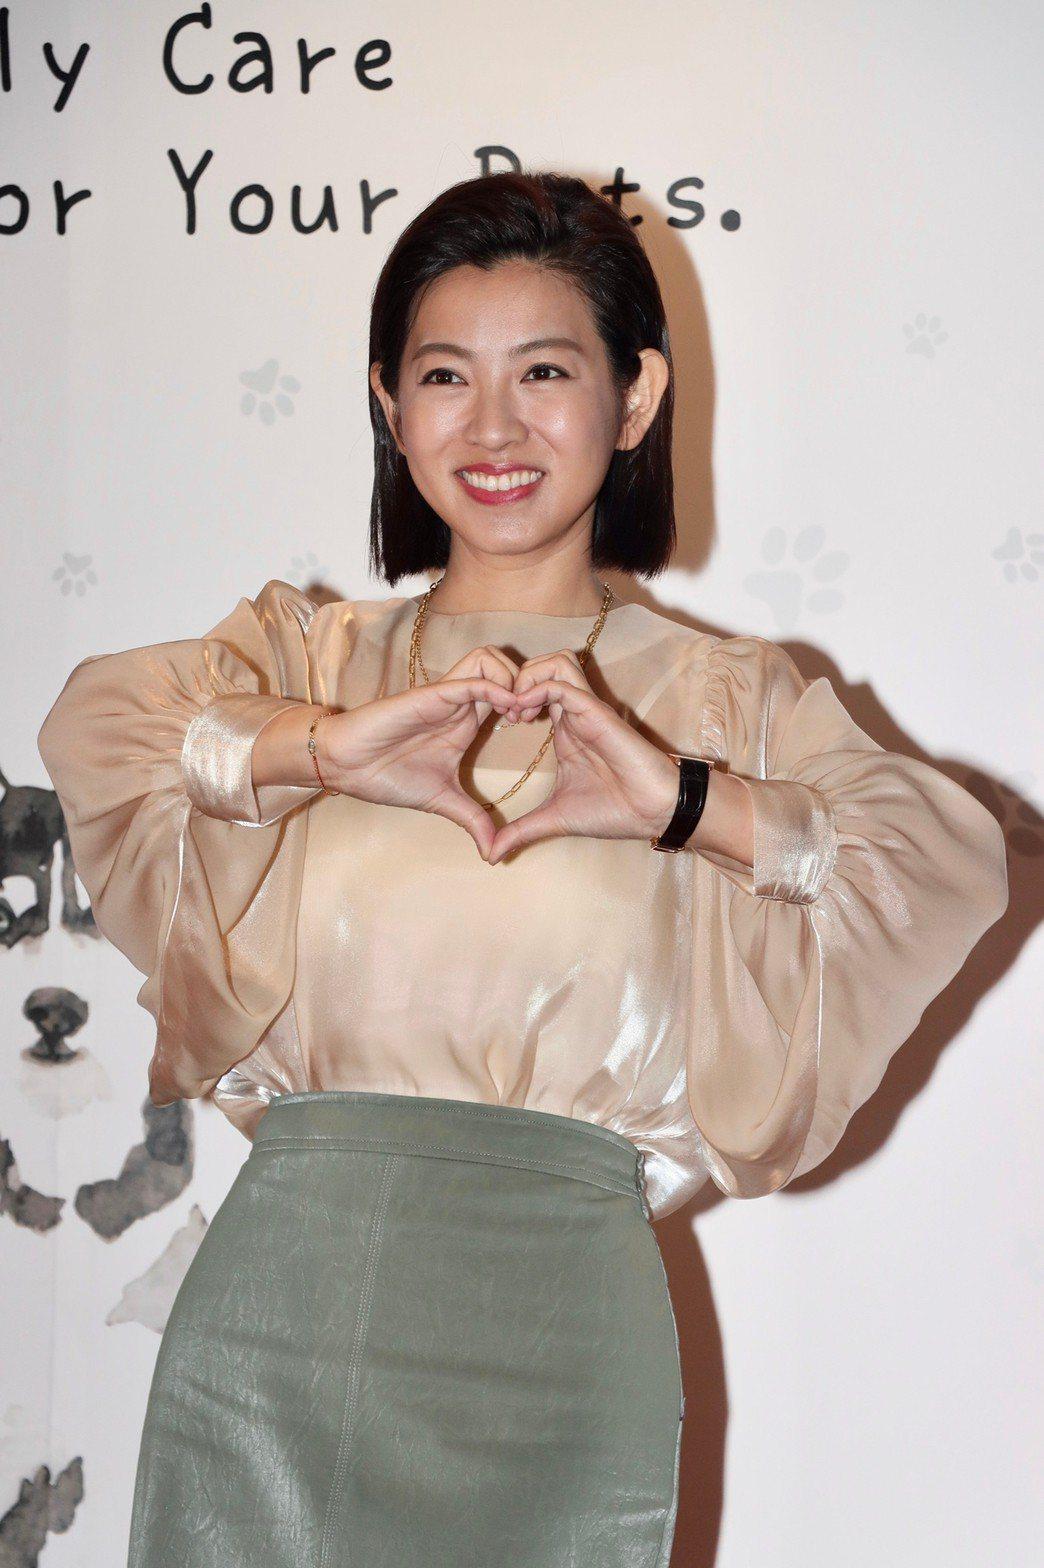 米可白出席寵物生醫產品活動。記者李政龍/攝影